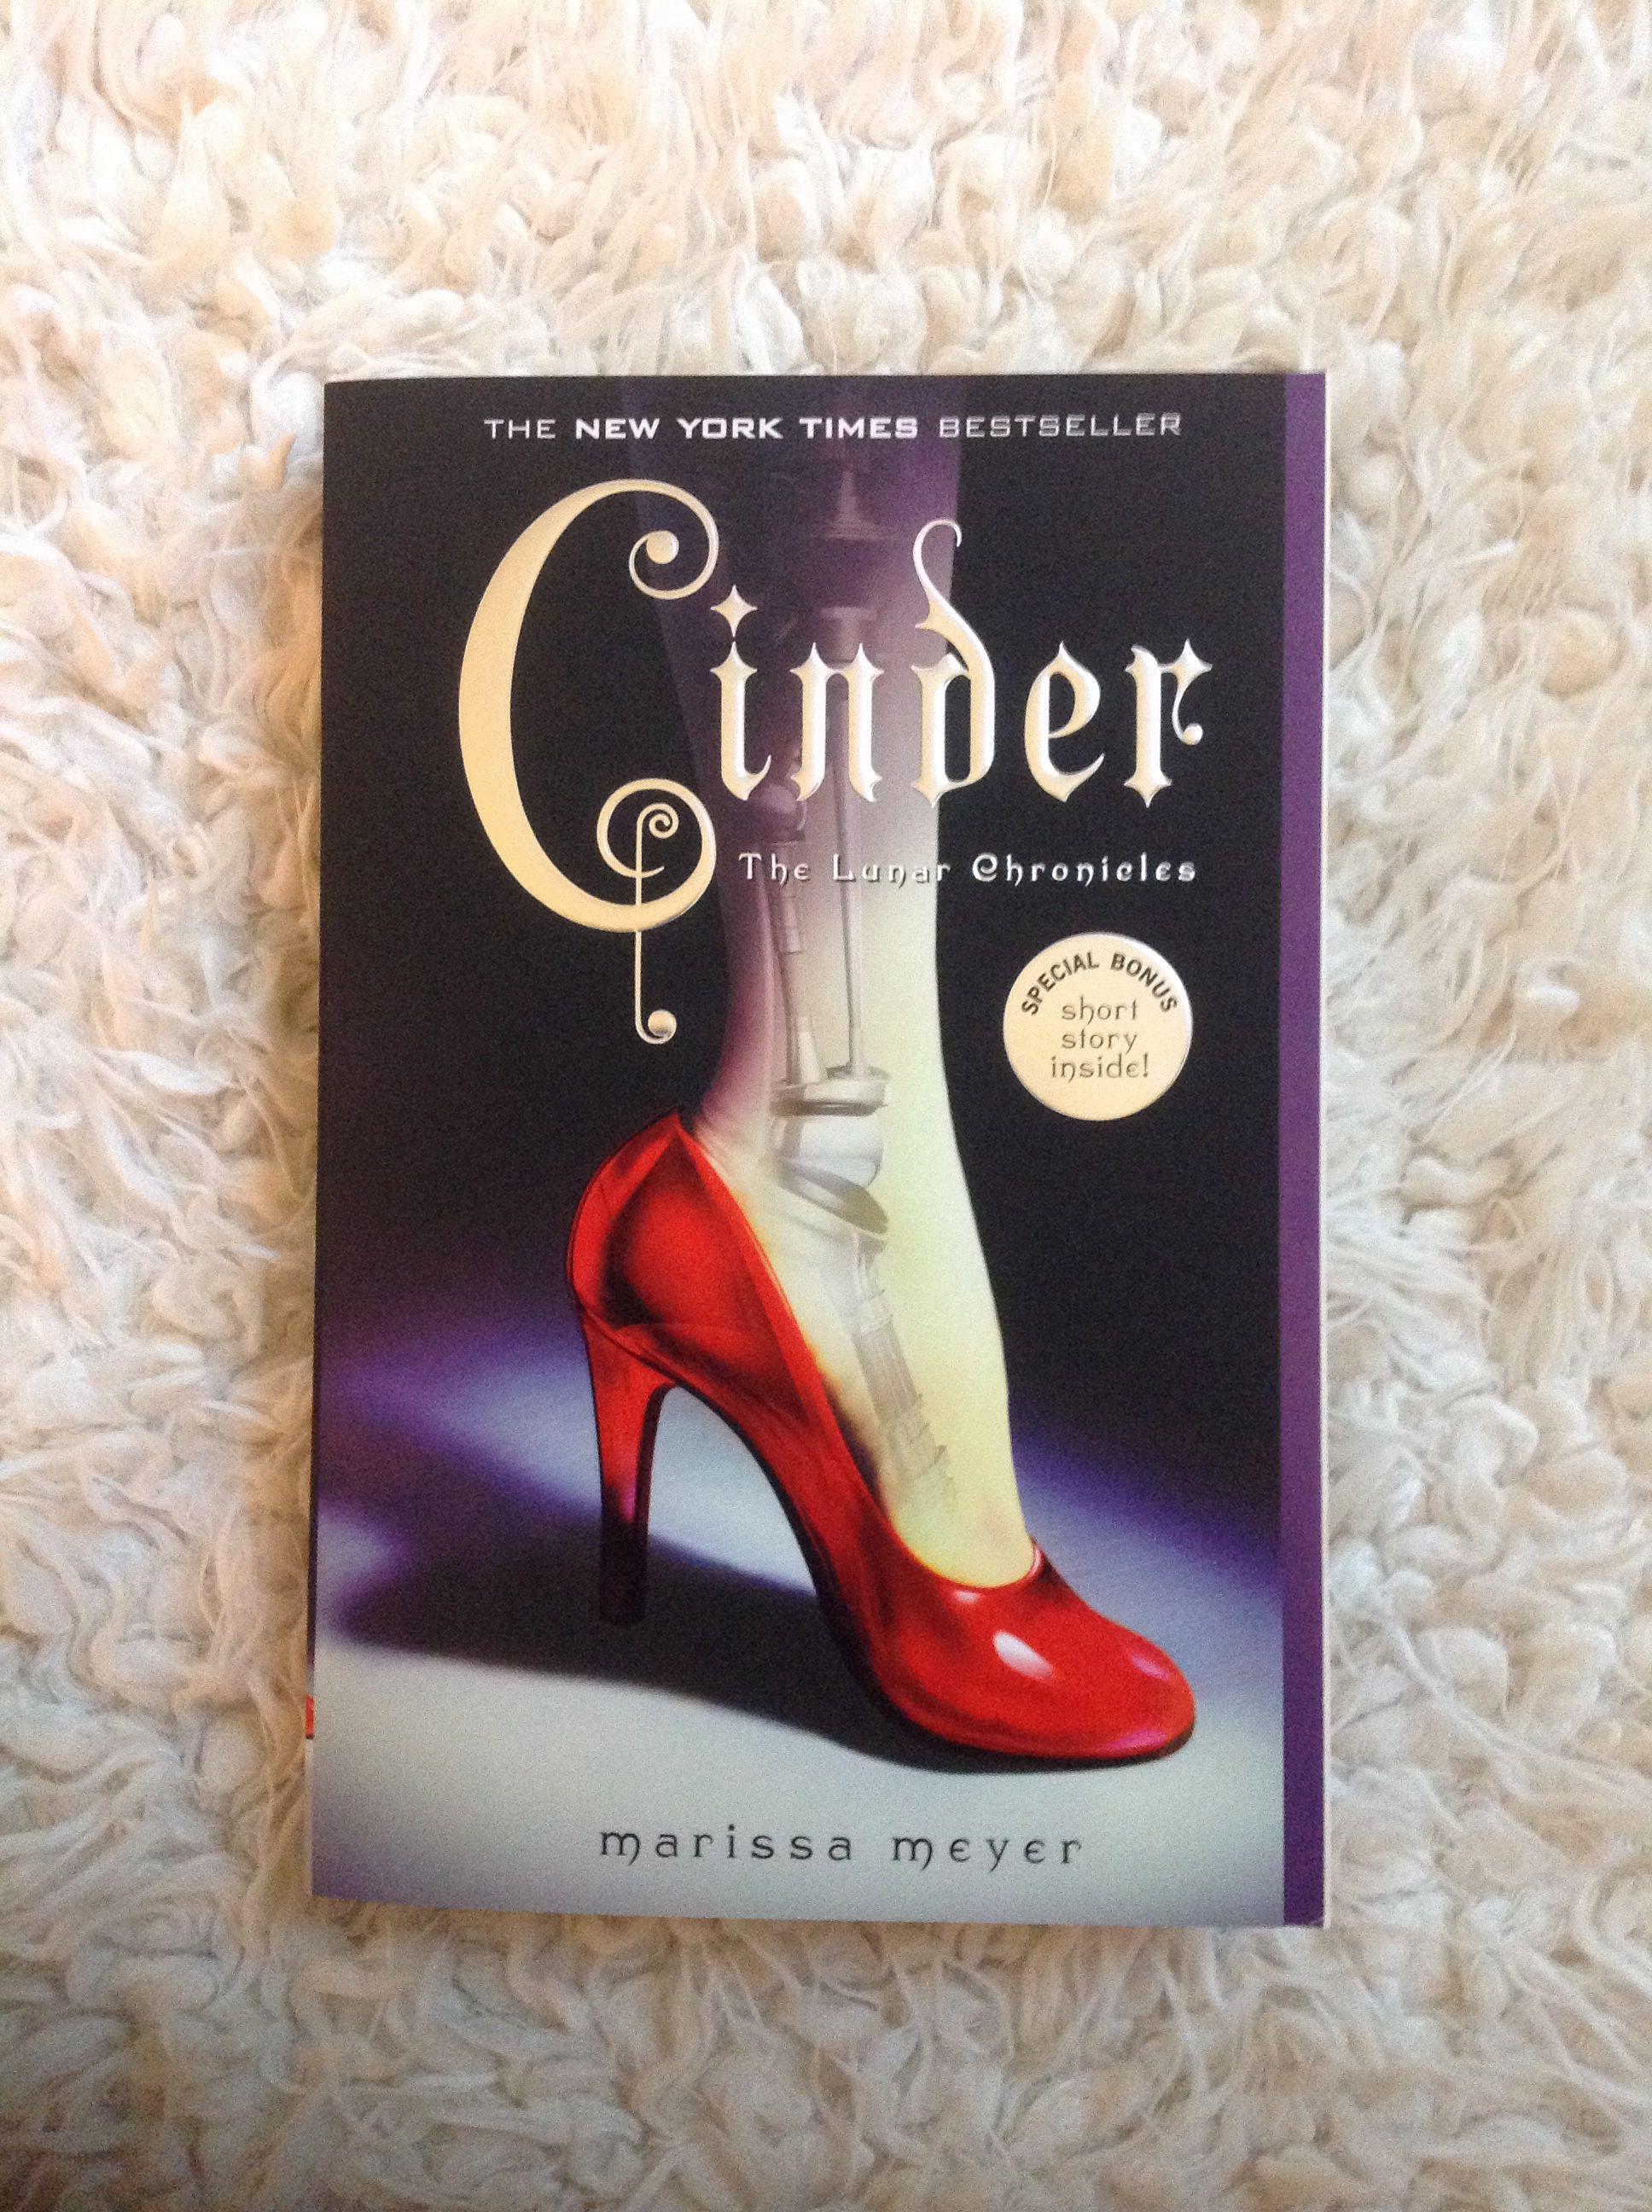 Book Photo (not mine): Cinder: Marissa Meyer